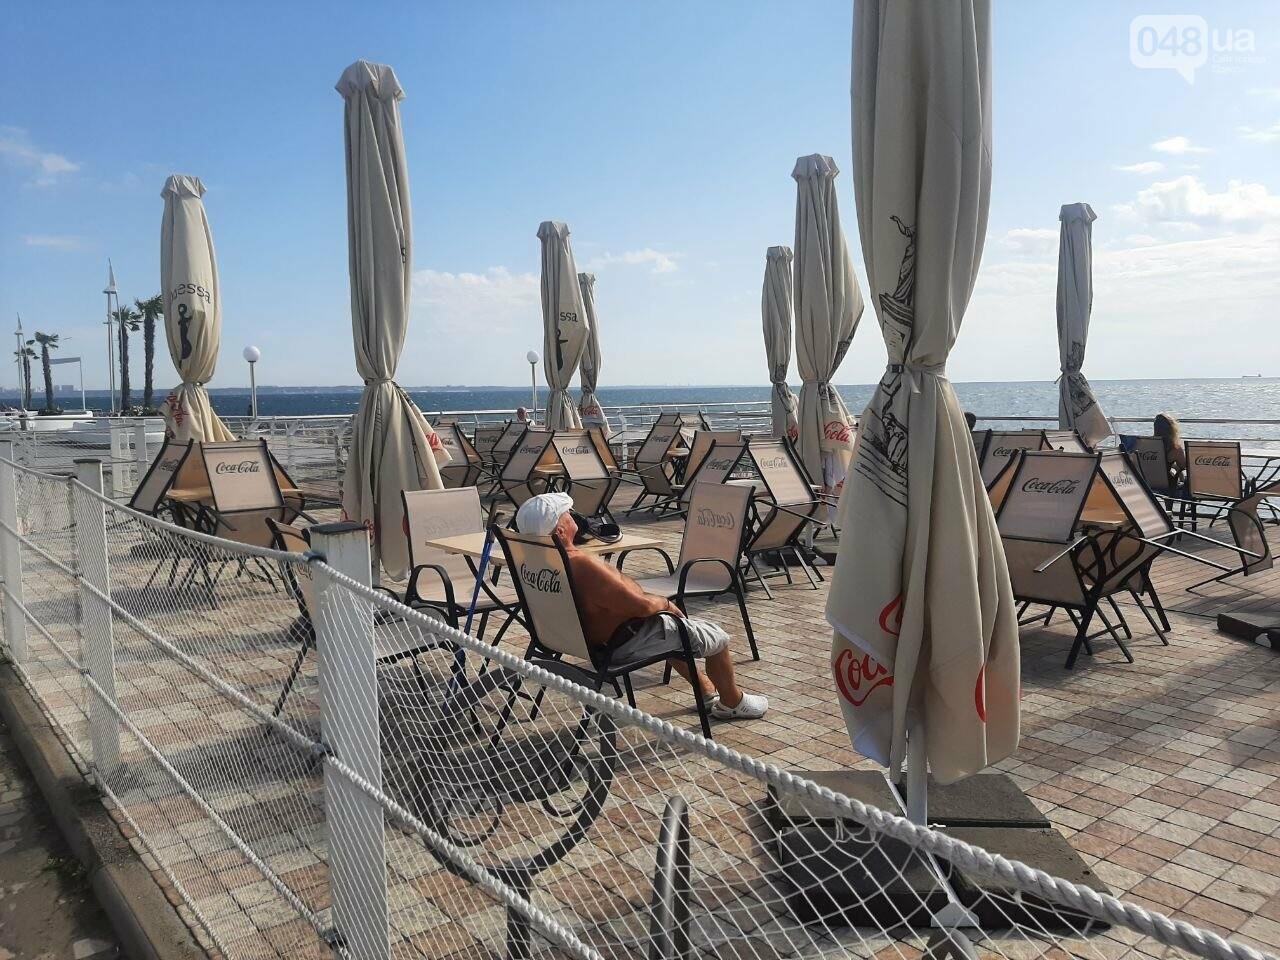 Как выглядит пляж Ланжерон в Одессе после ливня, - ФОТО, ВИДЕО, фото-11